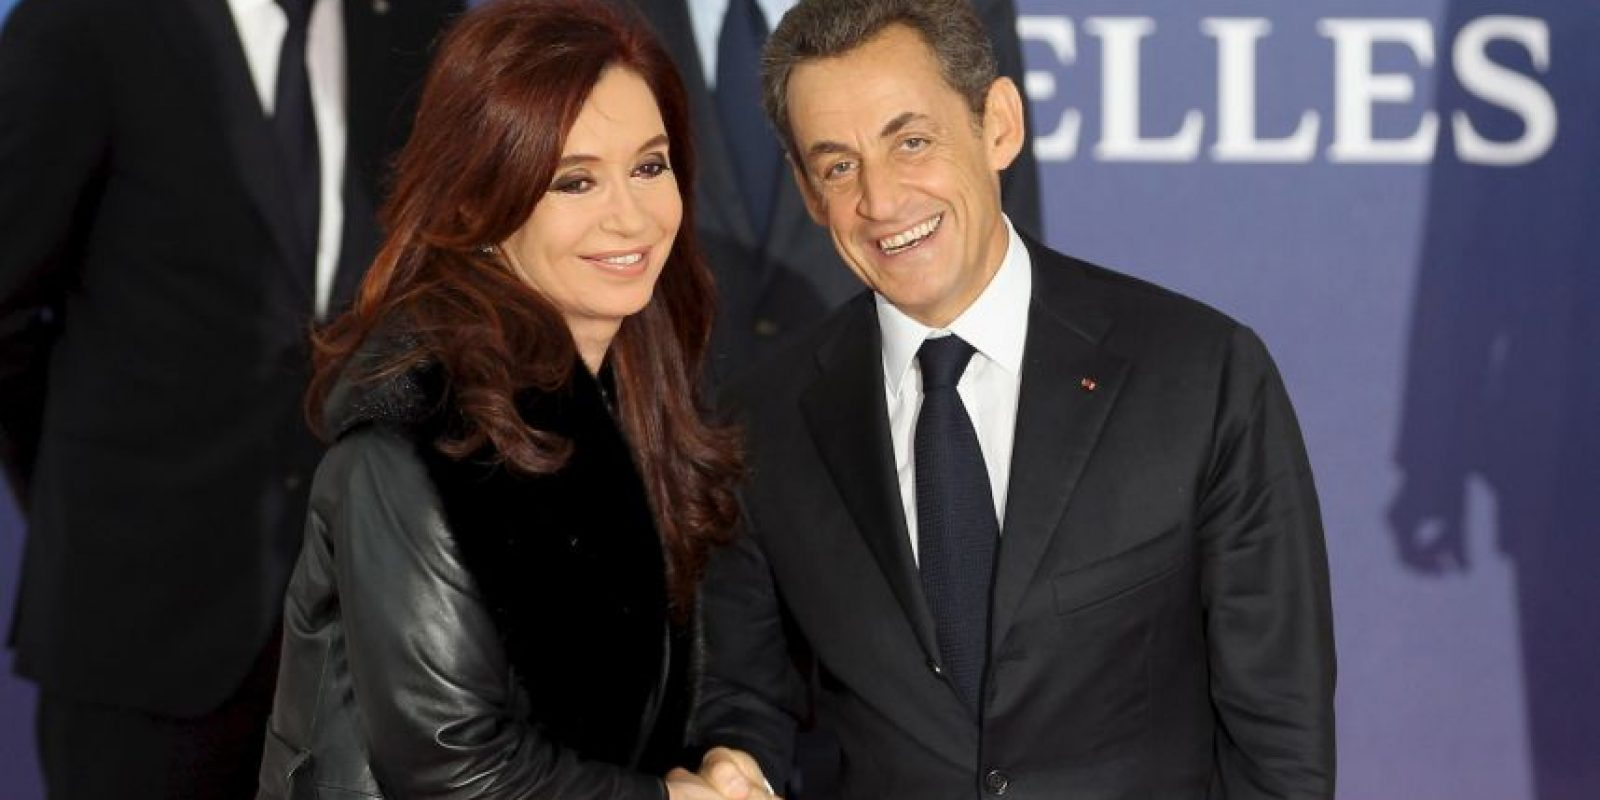 2011 en reunión con el expresidente Nicolás Sarkozy en Francia Foto:Getty Images